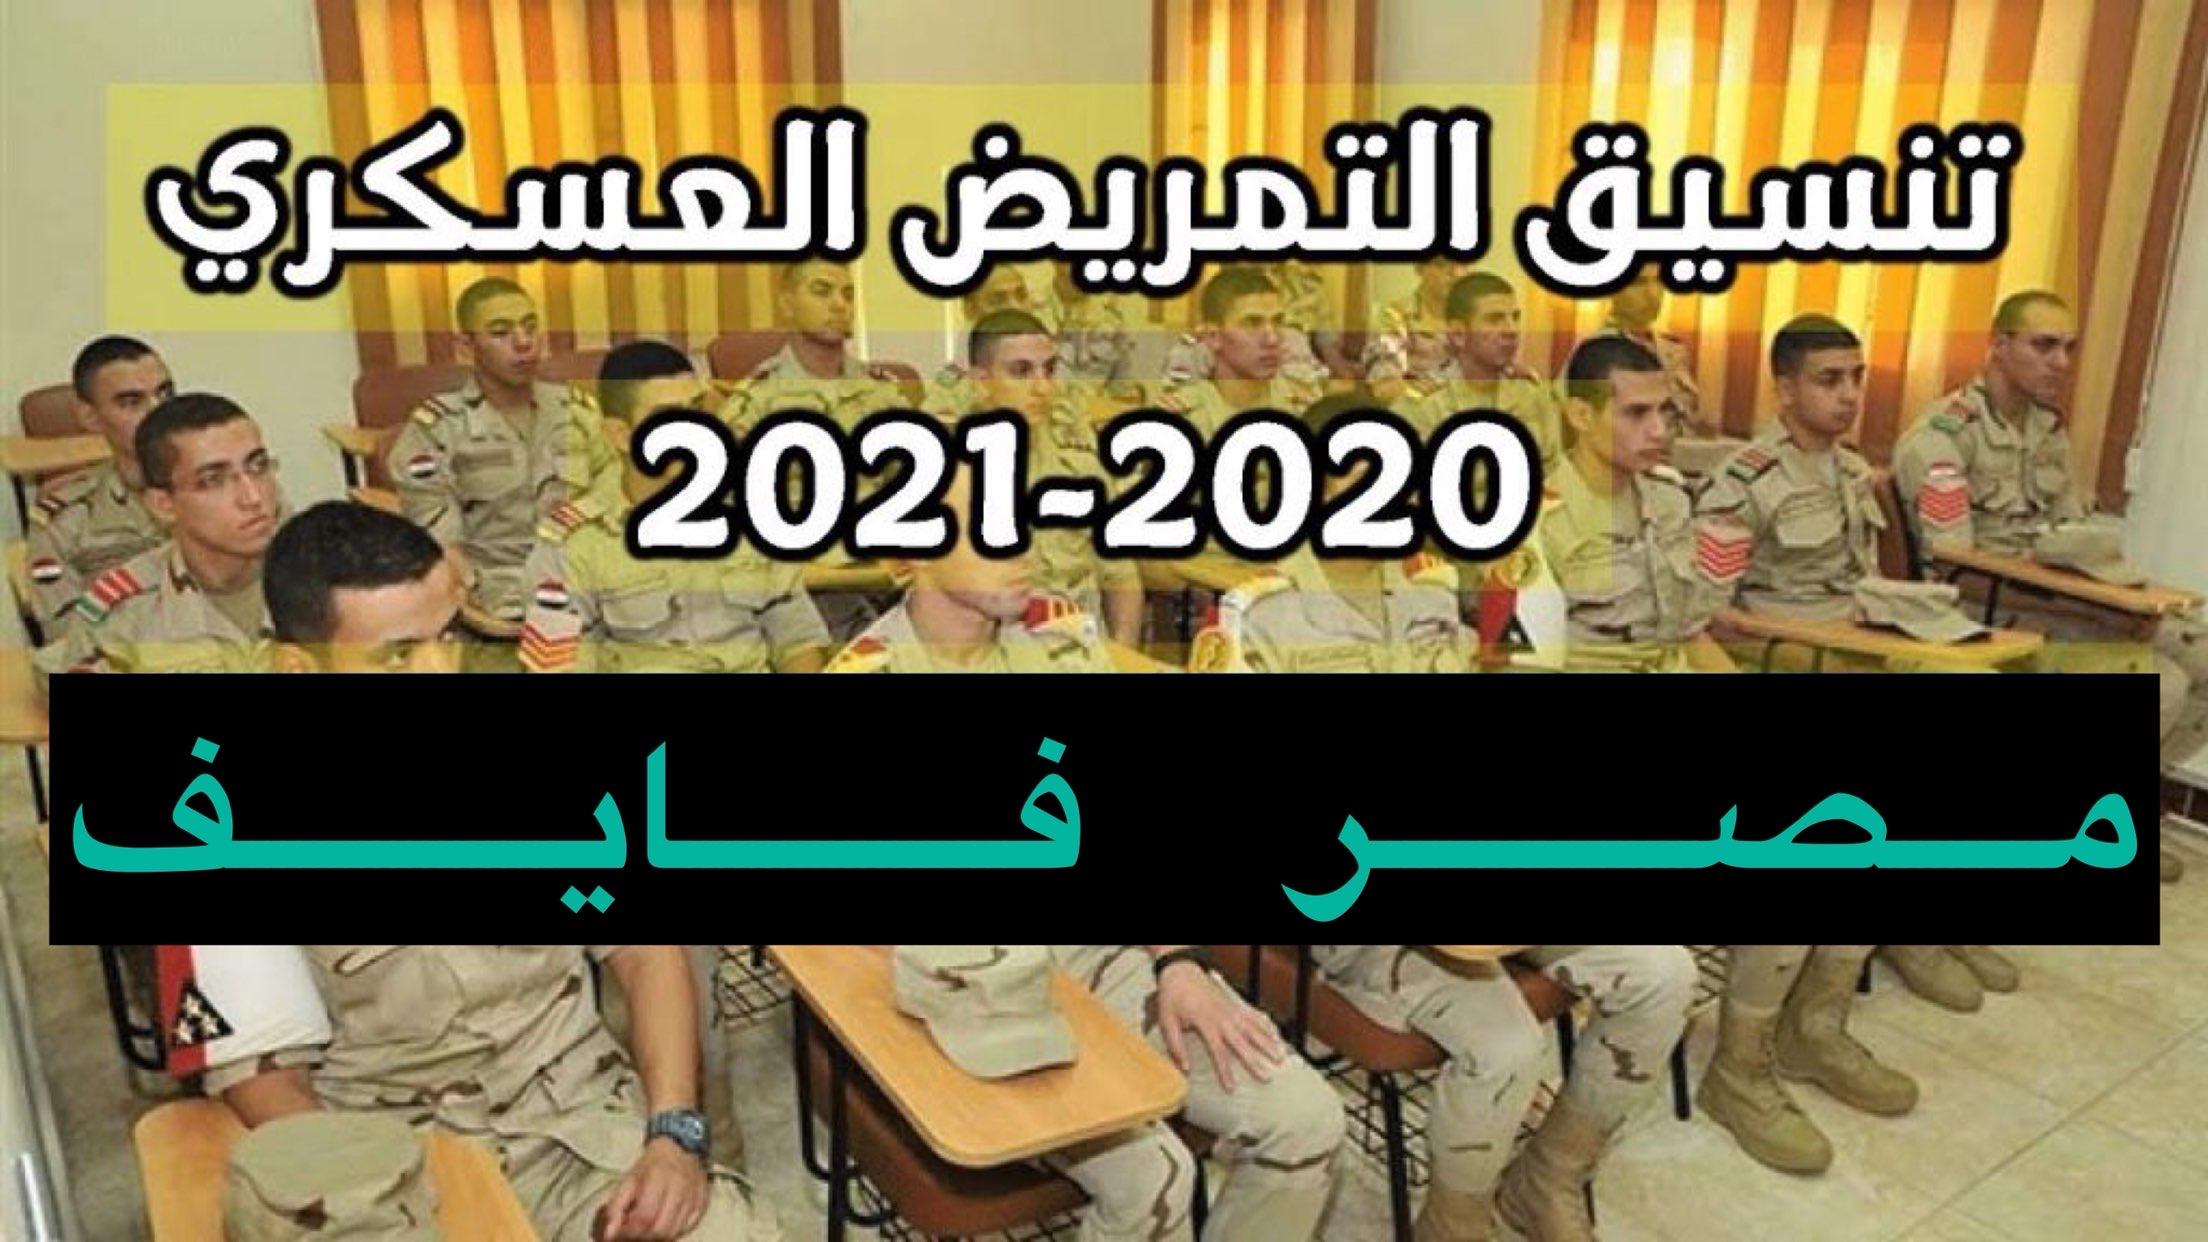 هنا دليل الـ تنسيق التمريض العسكري 2021 هل بعد الإعدادية؟ وشروط التقديم